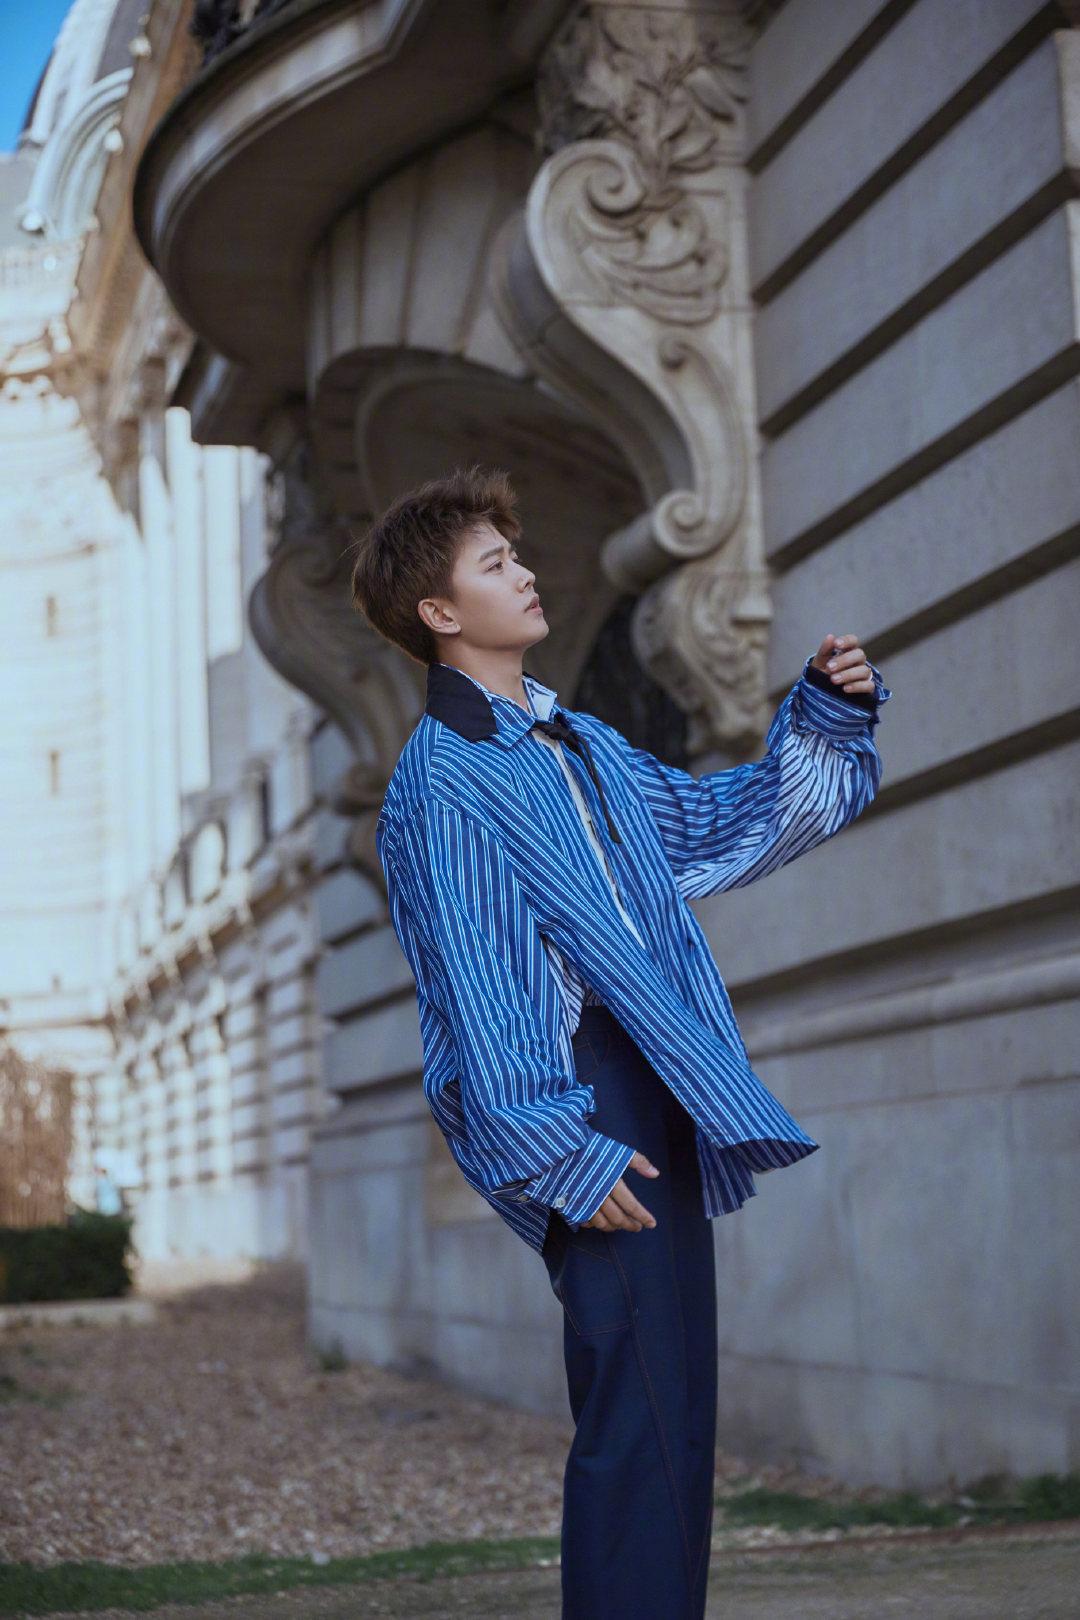 @任嘉伦Allen 巴黎街拍照曝光条纹衬衫与深蓝色长裤的搭配清爽干净